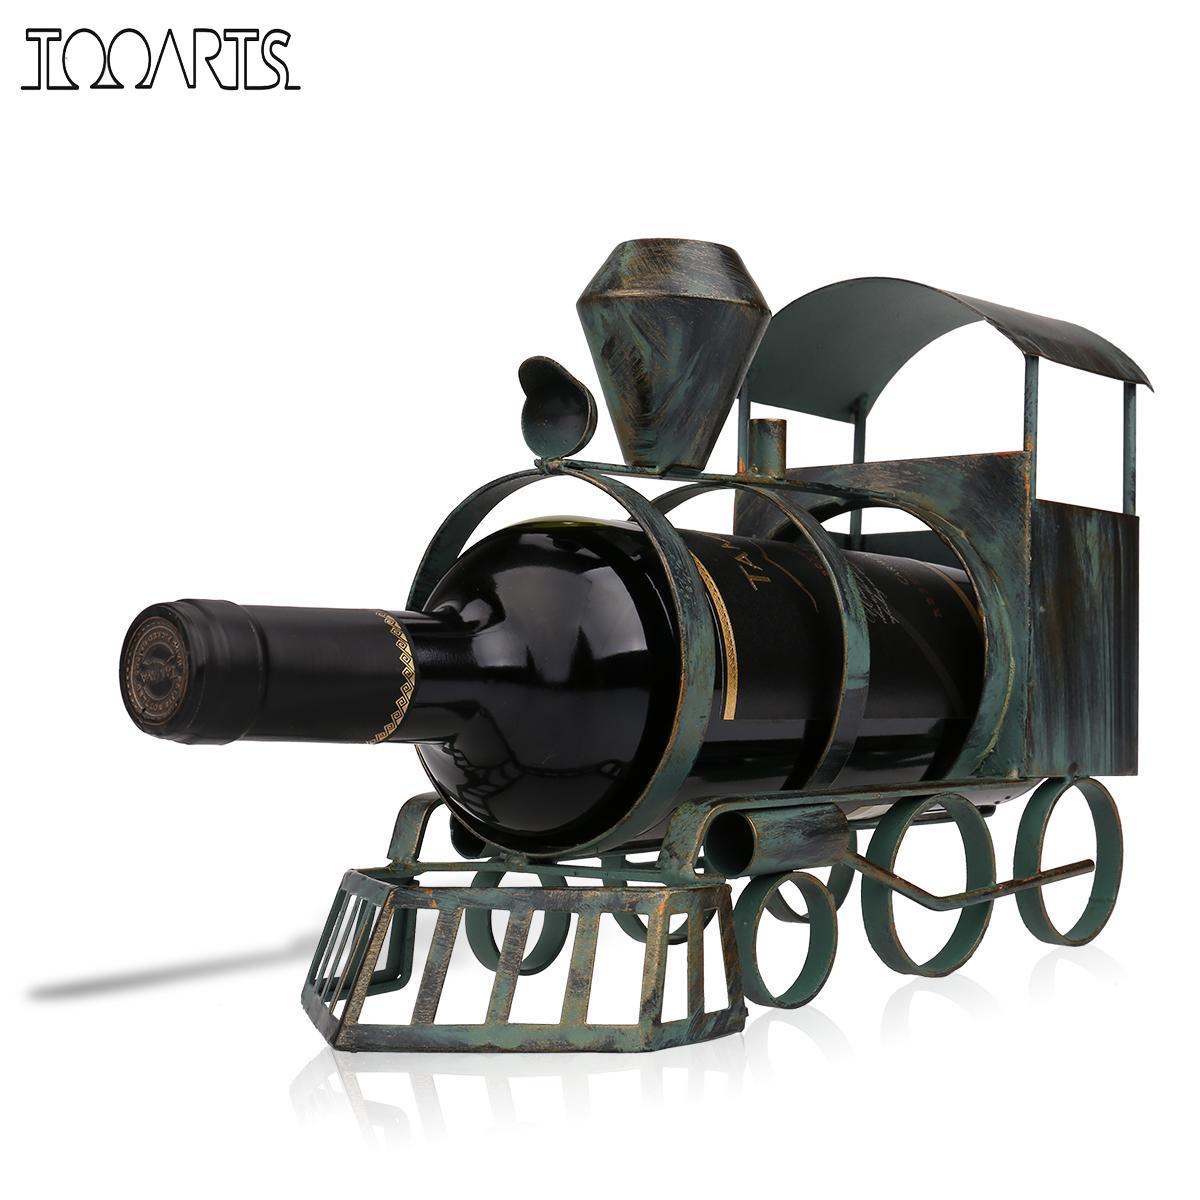 Tooarts Treno Supporto di Bottiglia di Vino Bottiglia Del Mestiere di Arte del Ferro Creativo Cremagliera del Vino del Metallo Classico Del Basamento Figurine Decorazione Opere D'arte Regalo